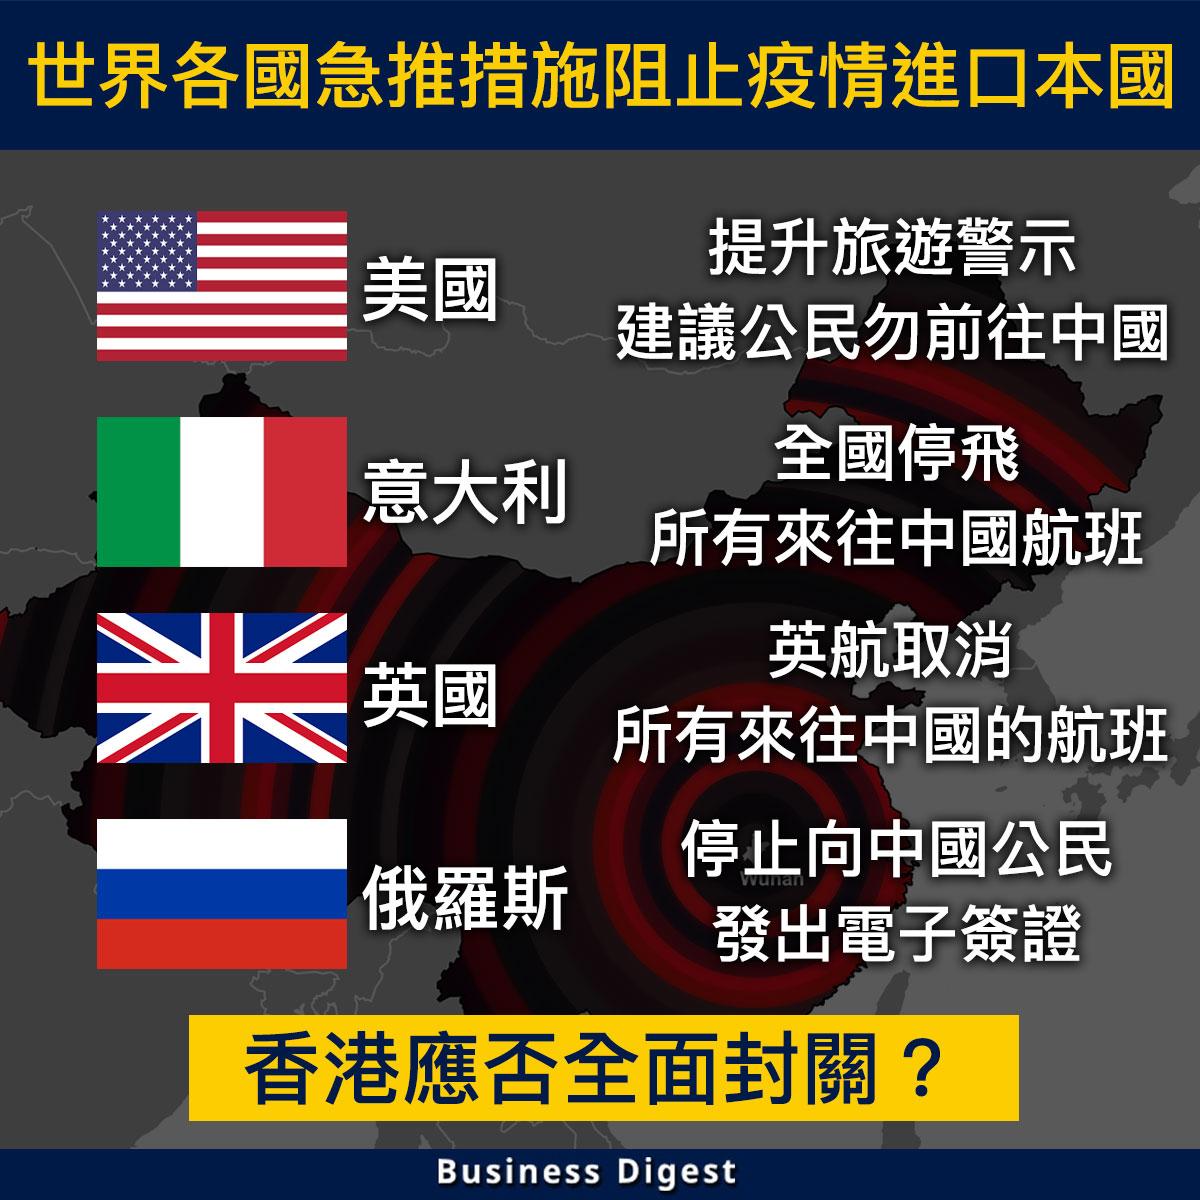 【武漢肺炎】世界各國急推措施阻止疫情進口本國